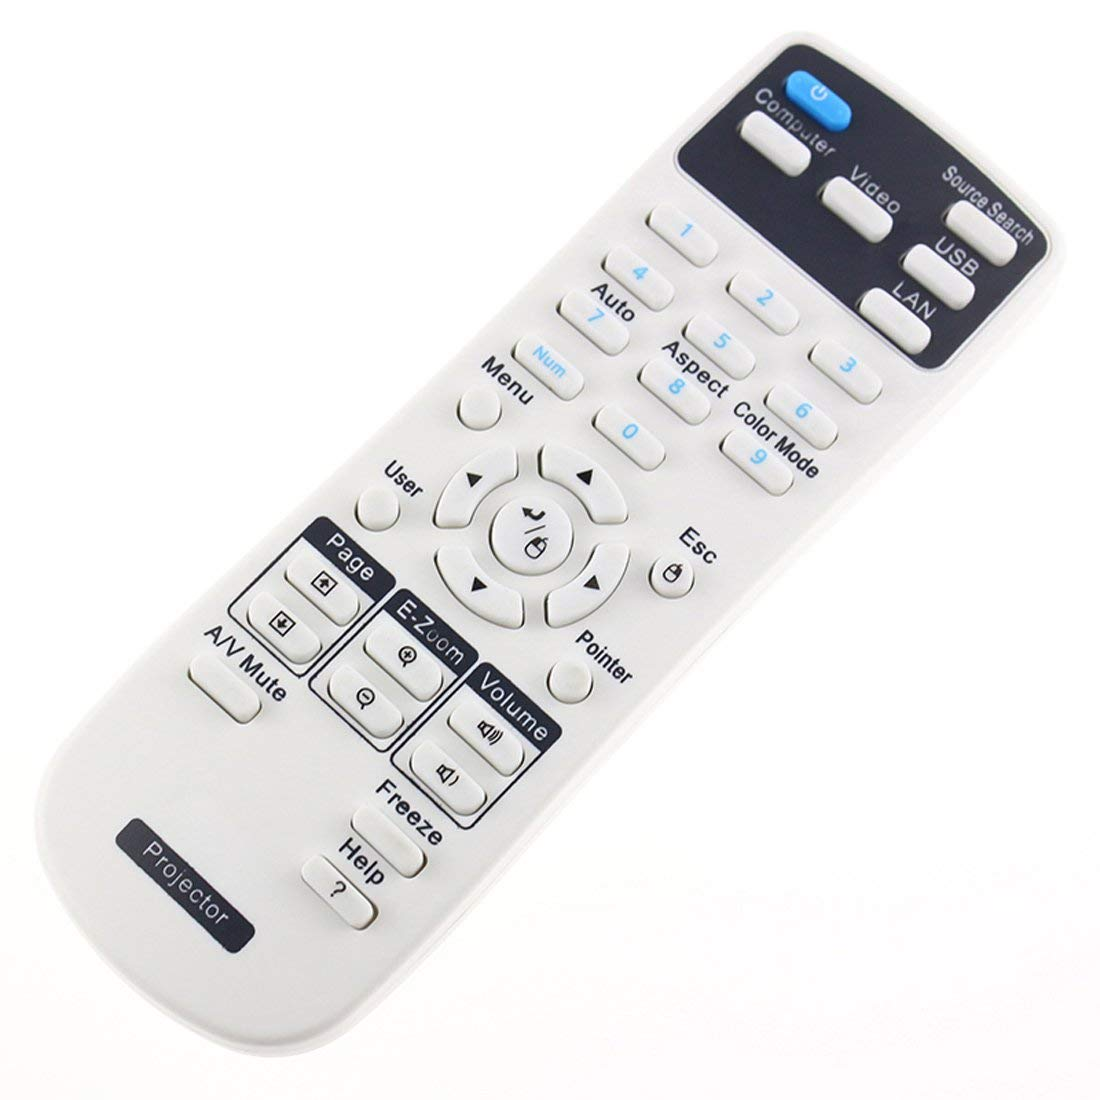 Aimple 1626366 - Mando a Distancia de Repuesto para proyectores ...